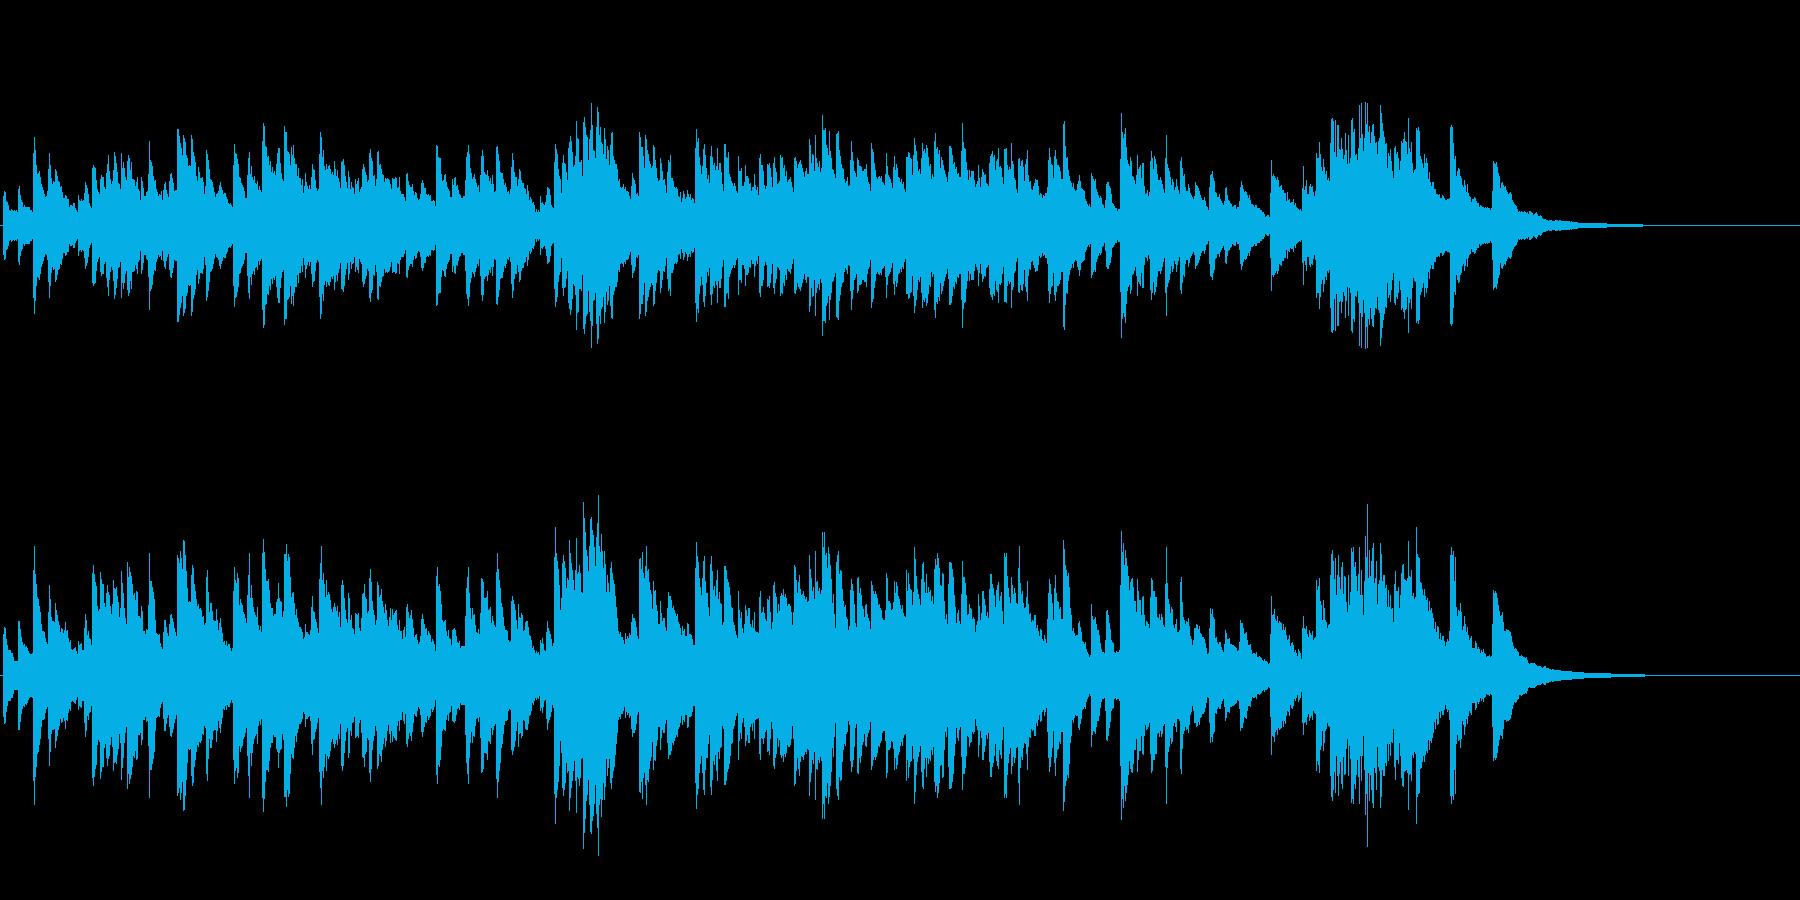 ノスタルジックな趣の寂しげなピアノソロの再生済みの波形